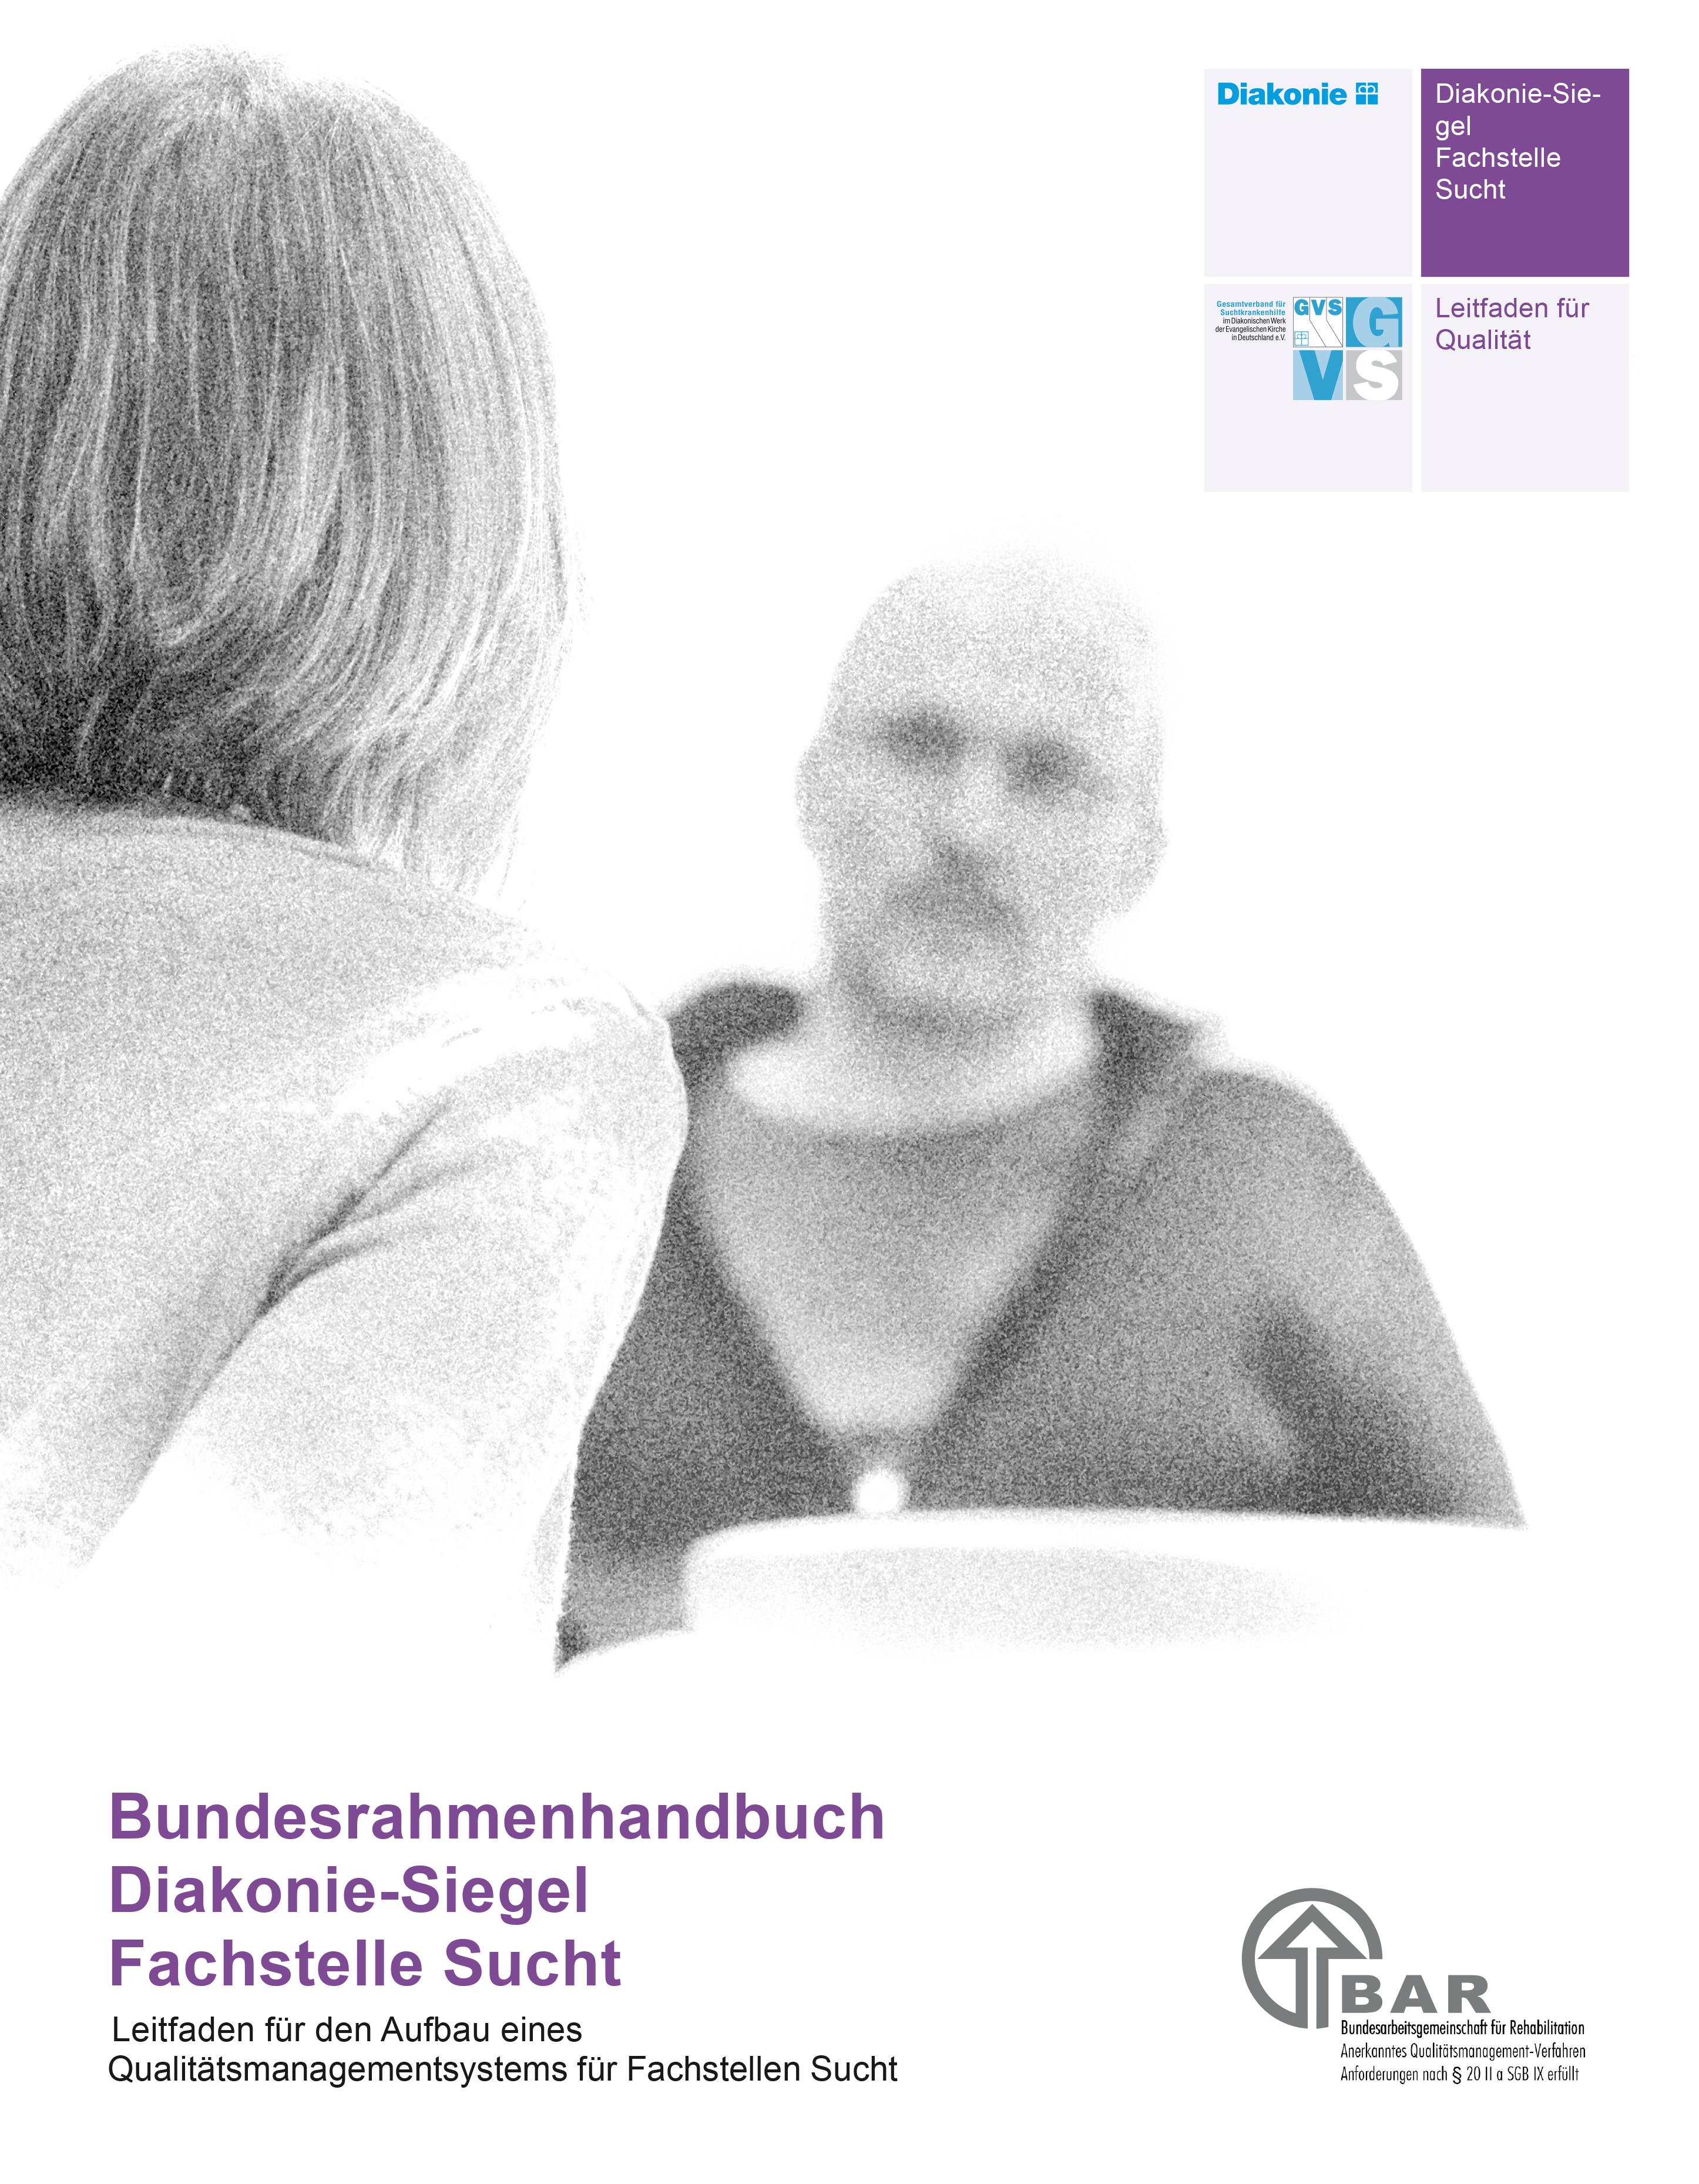 Bundesrahmenhandbuch Diakonie-Siegel Fachstelle Sucht